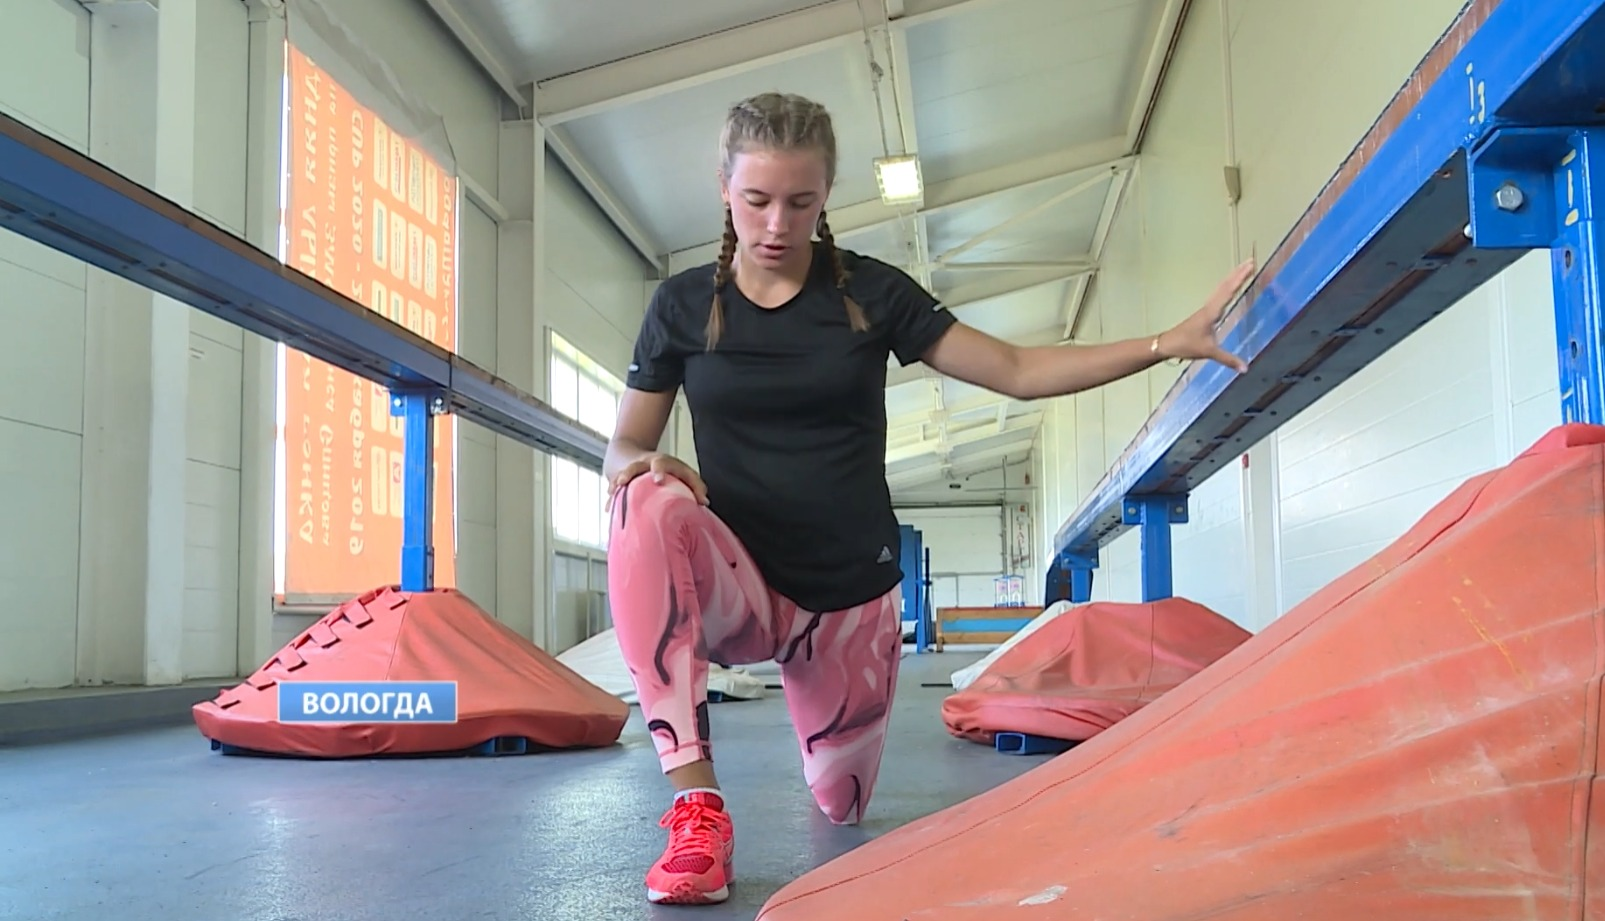 Дарья занимается пожарно-спасательным спортом больше 5 лет